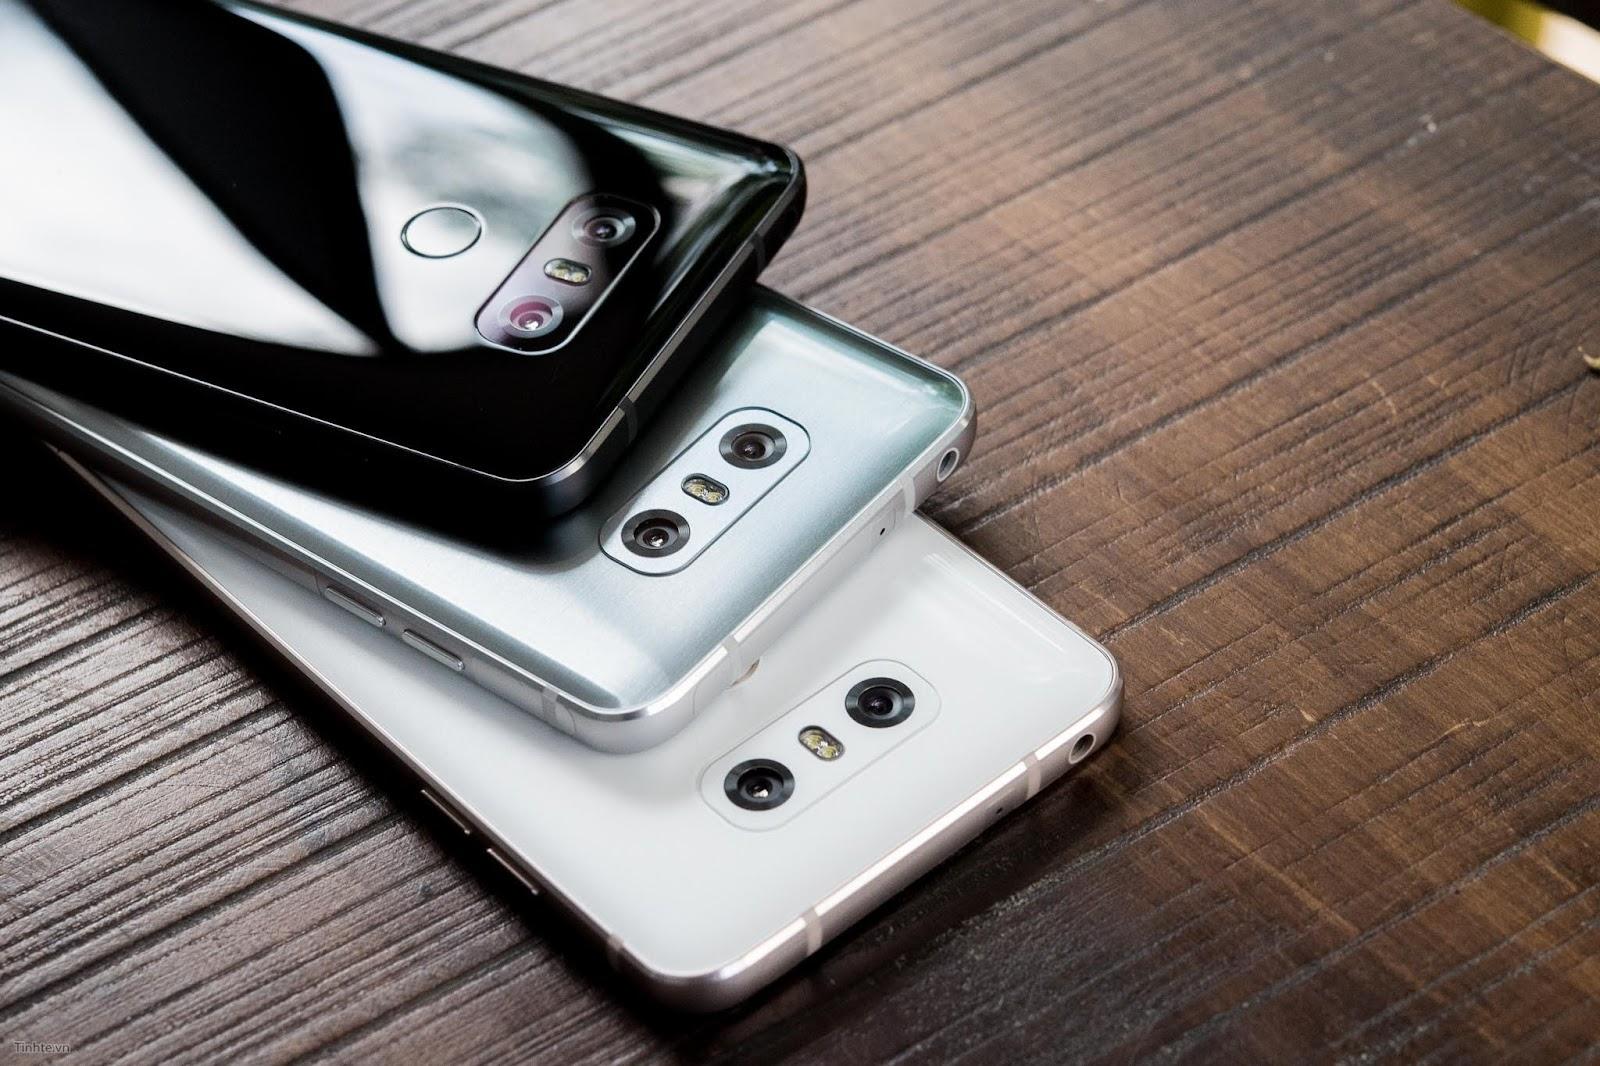 Khắc phục lỗi LG G6 hỏng camera cực nhanh chóng